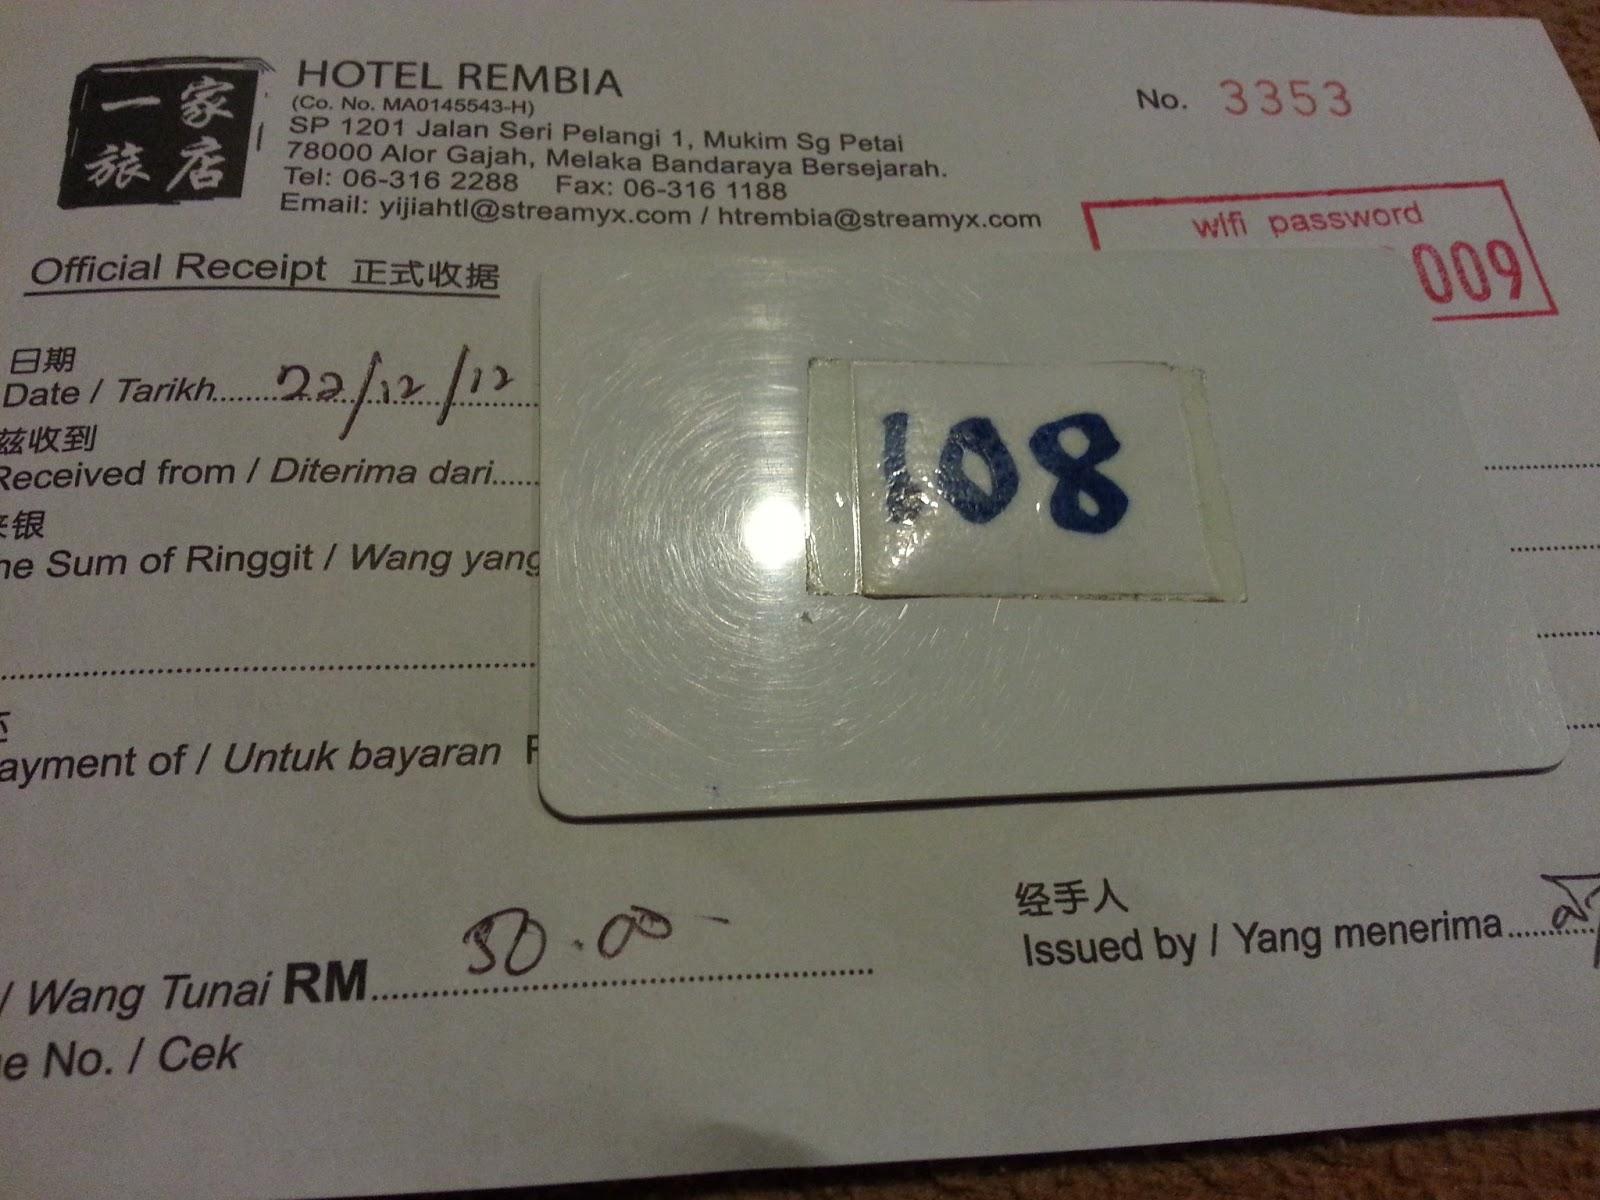 Deposit RM50 Yang Akan Dikembalikan Sewaktu Daftar Keluar